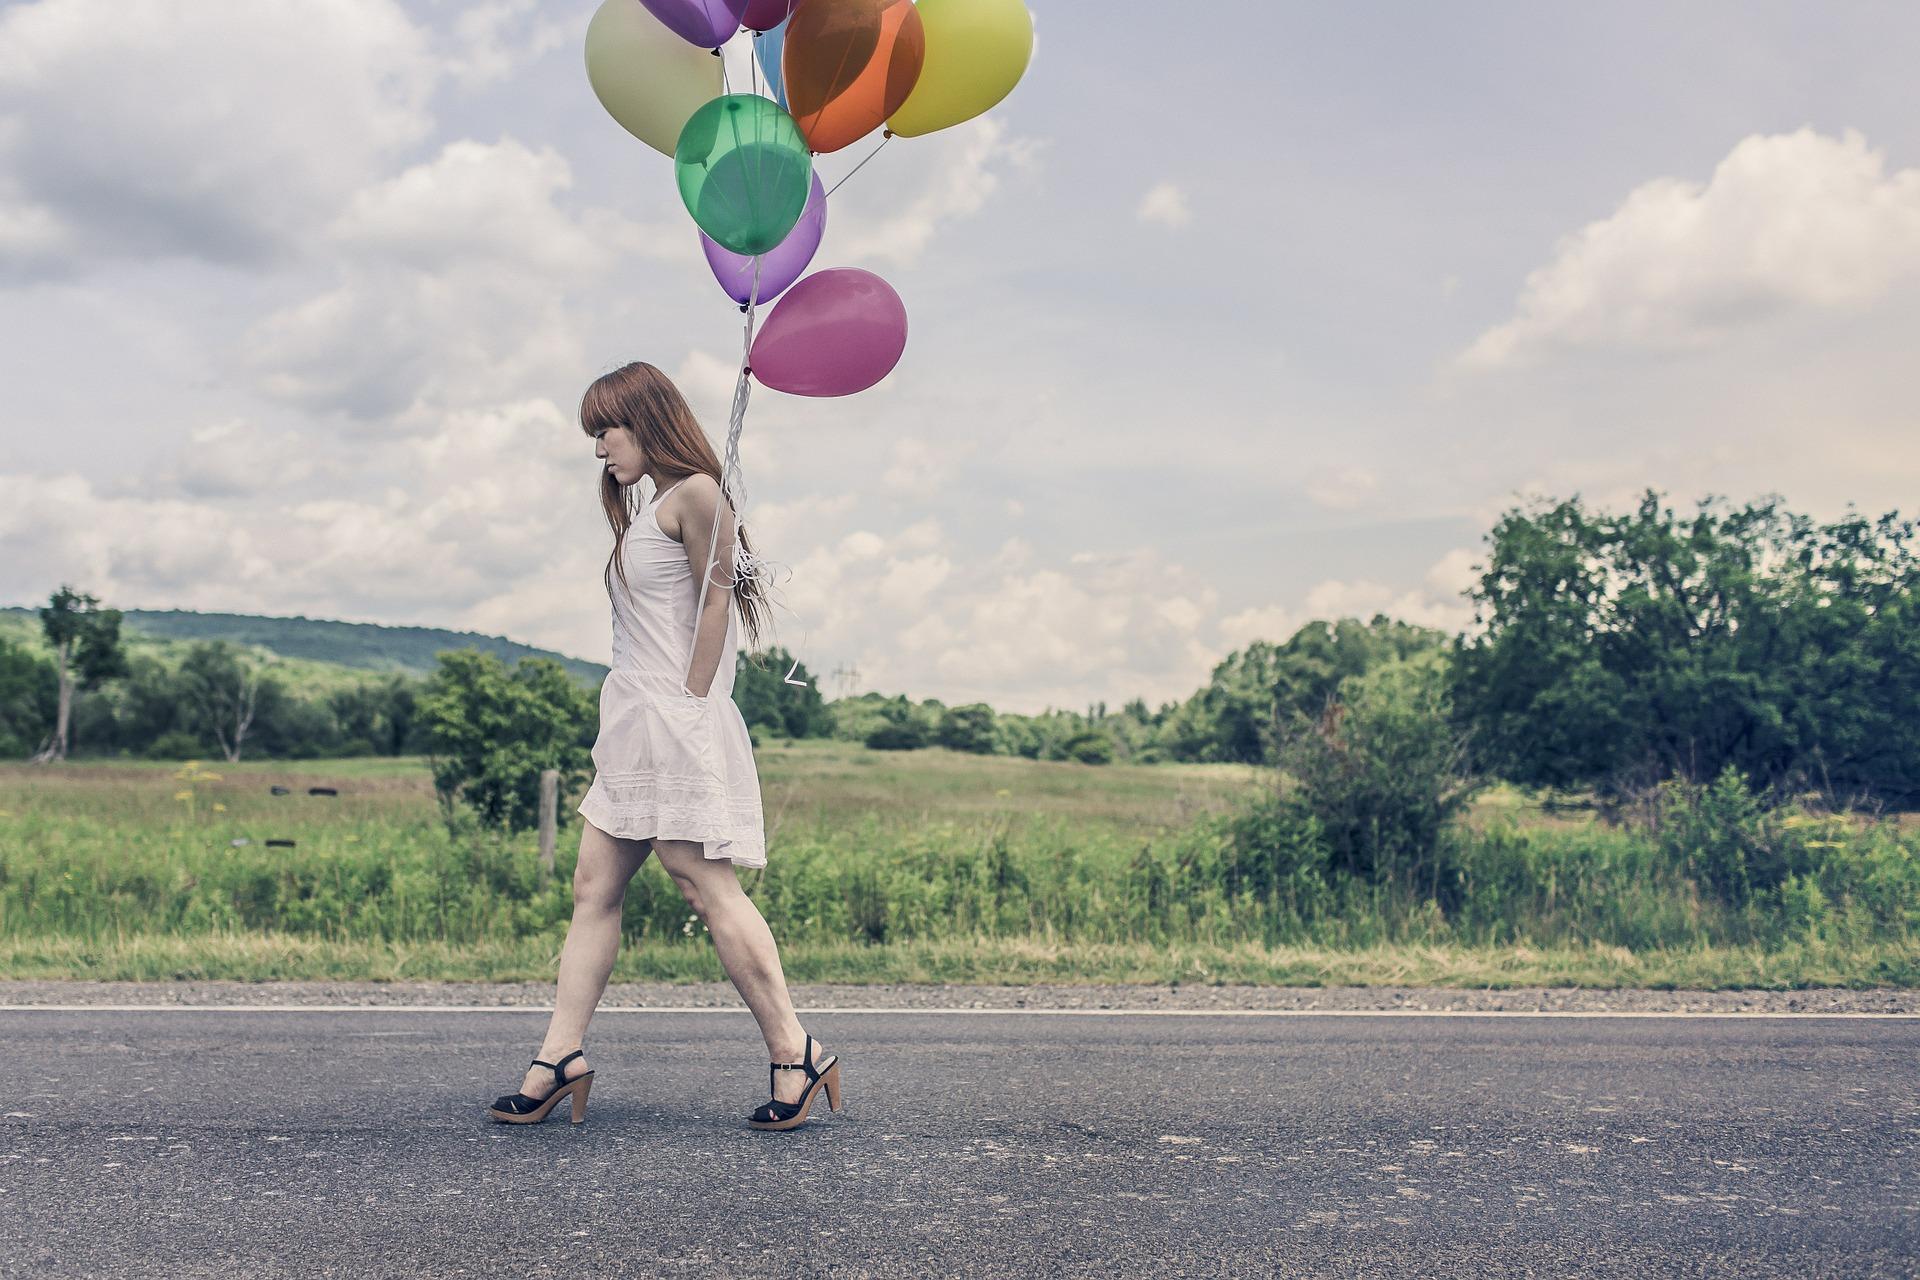 Pludselig frygtede jeg min fødselsdag – hvad hvis det blev en kedelig fest?